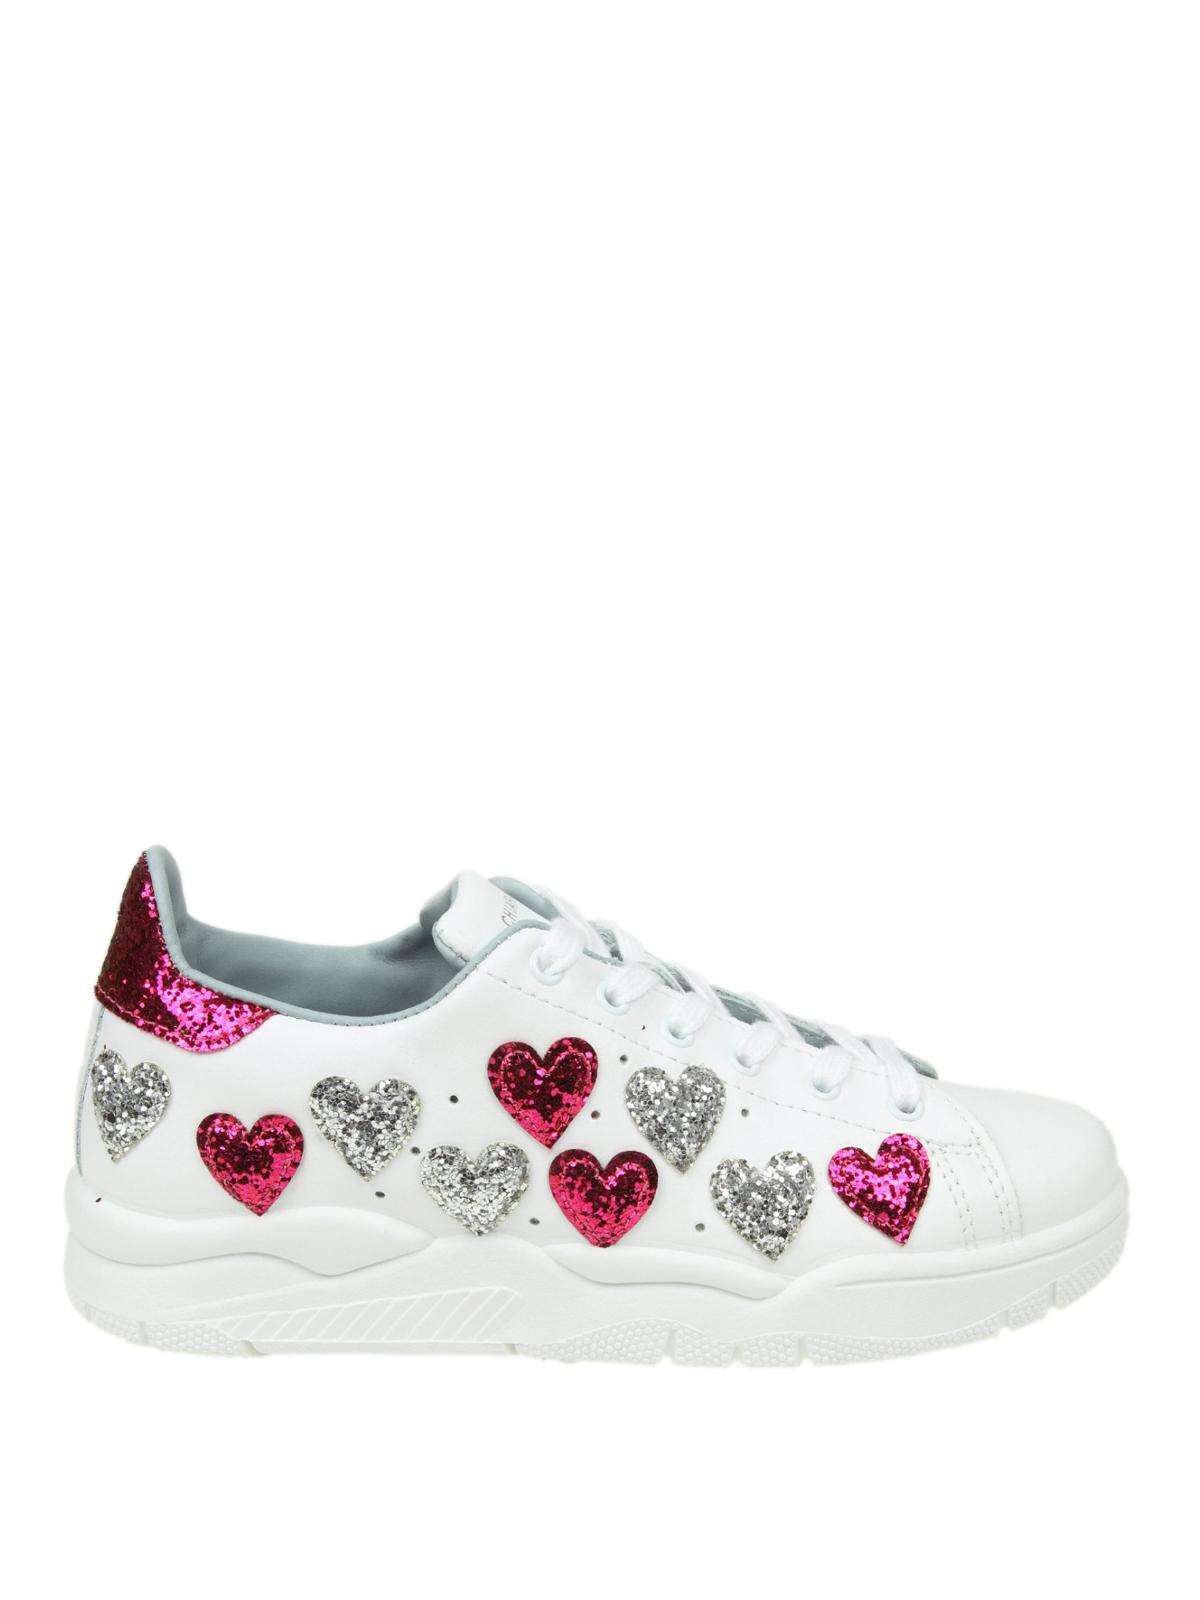 Chiara Sneaker Ferragni Roger Con Pelle Cuori In Glitter ALc35jq4R